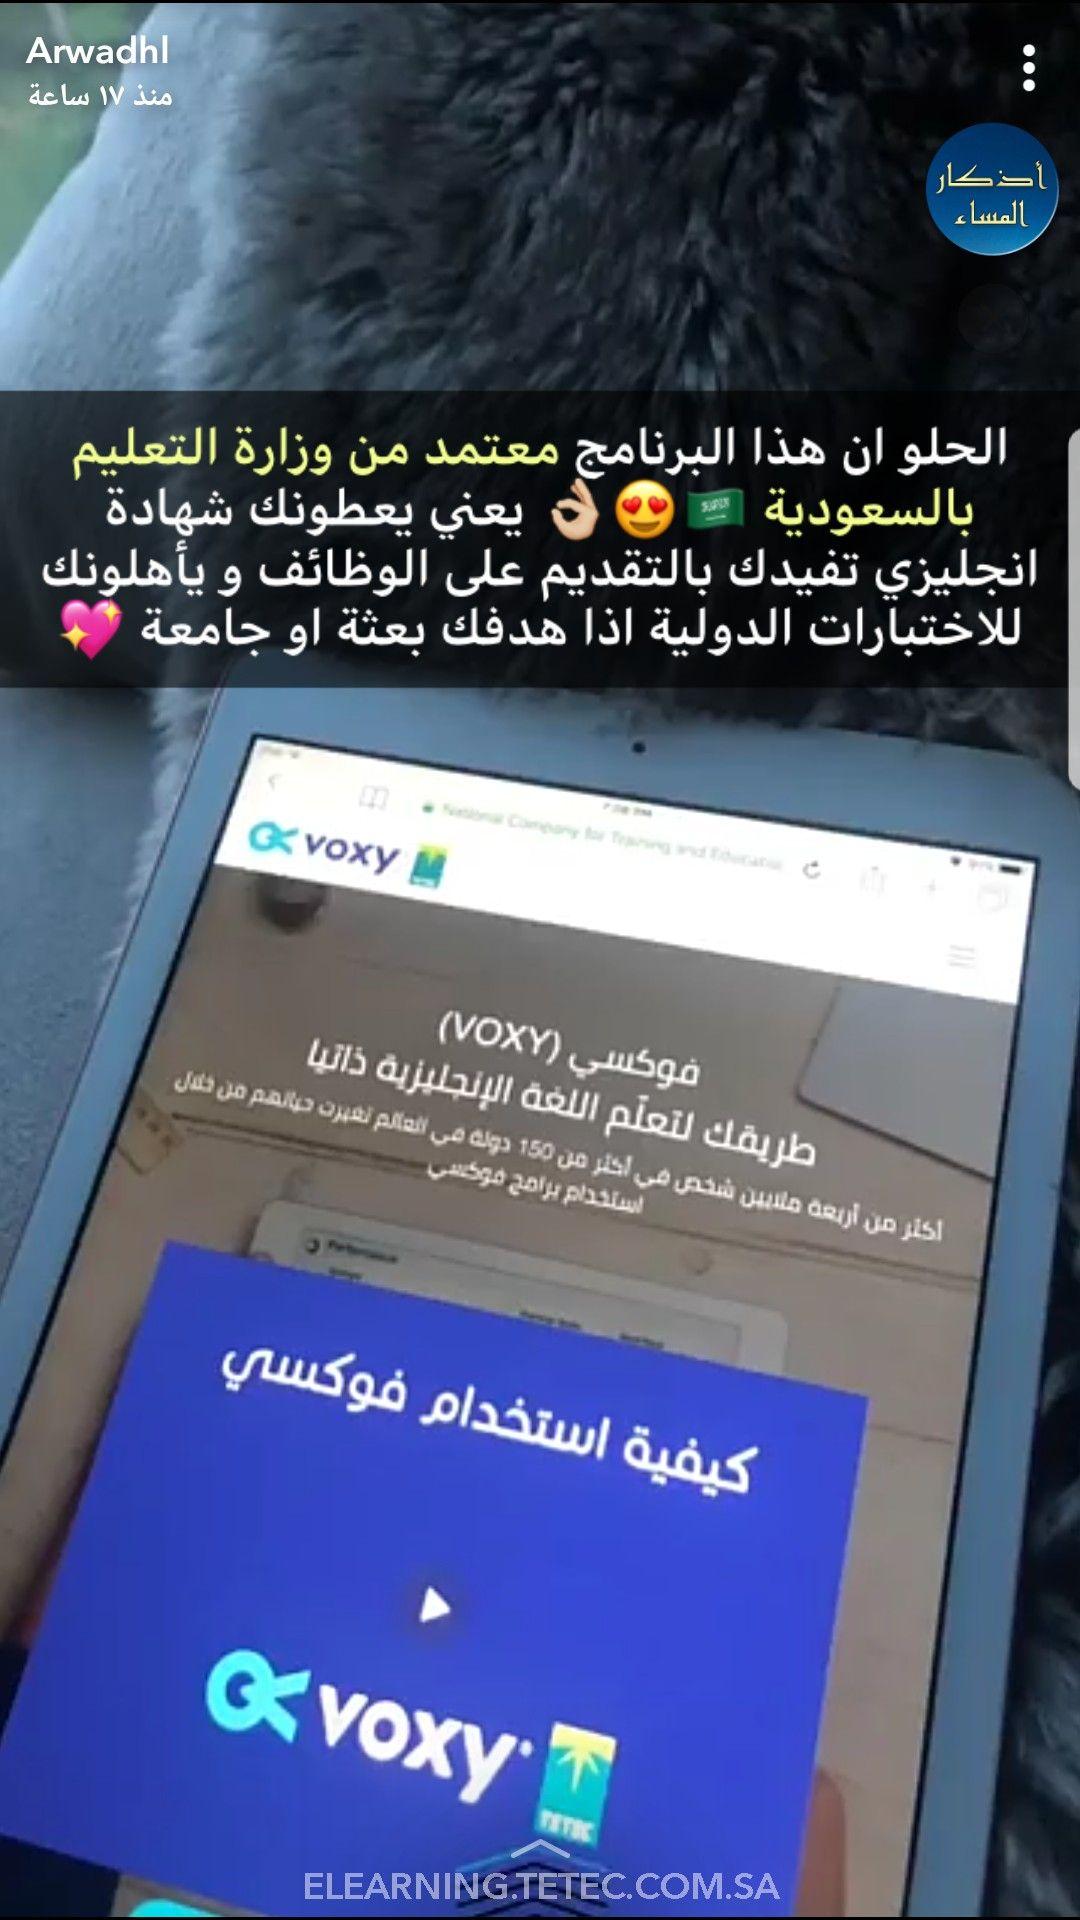 Voxy برنامج لتعليم الانقليزية تتحصل على شهادة معترف به من وزارة التعليم السعودية Learning Websites Learning Apps Programming Apps